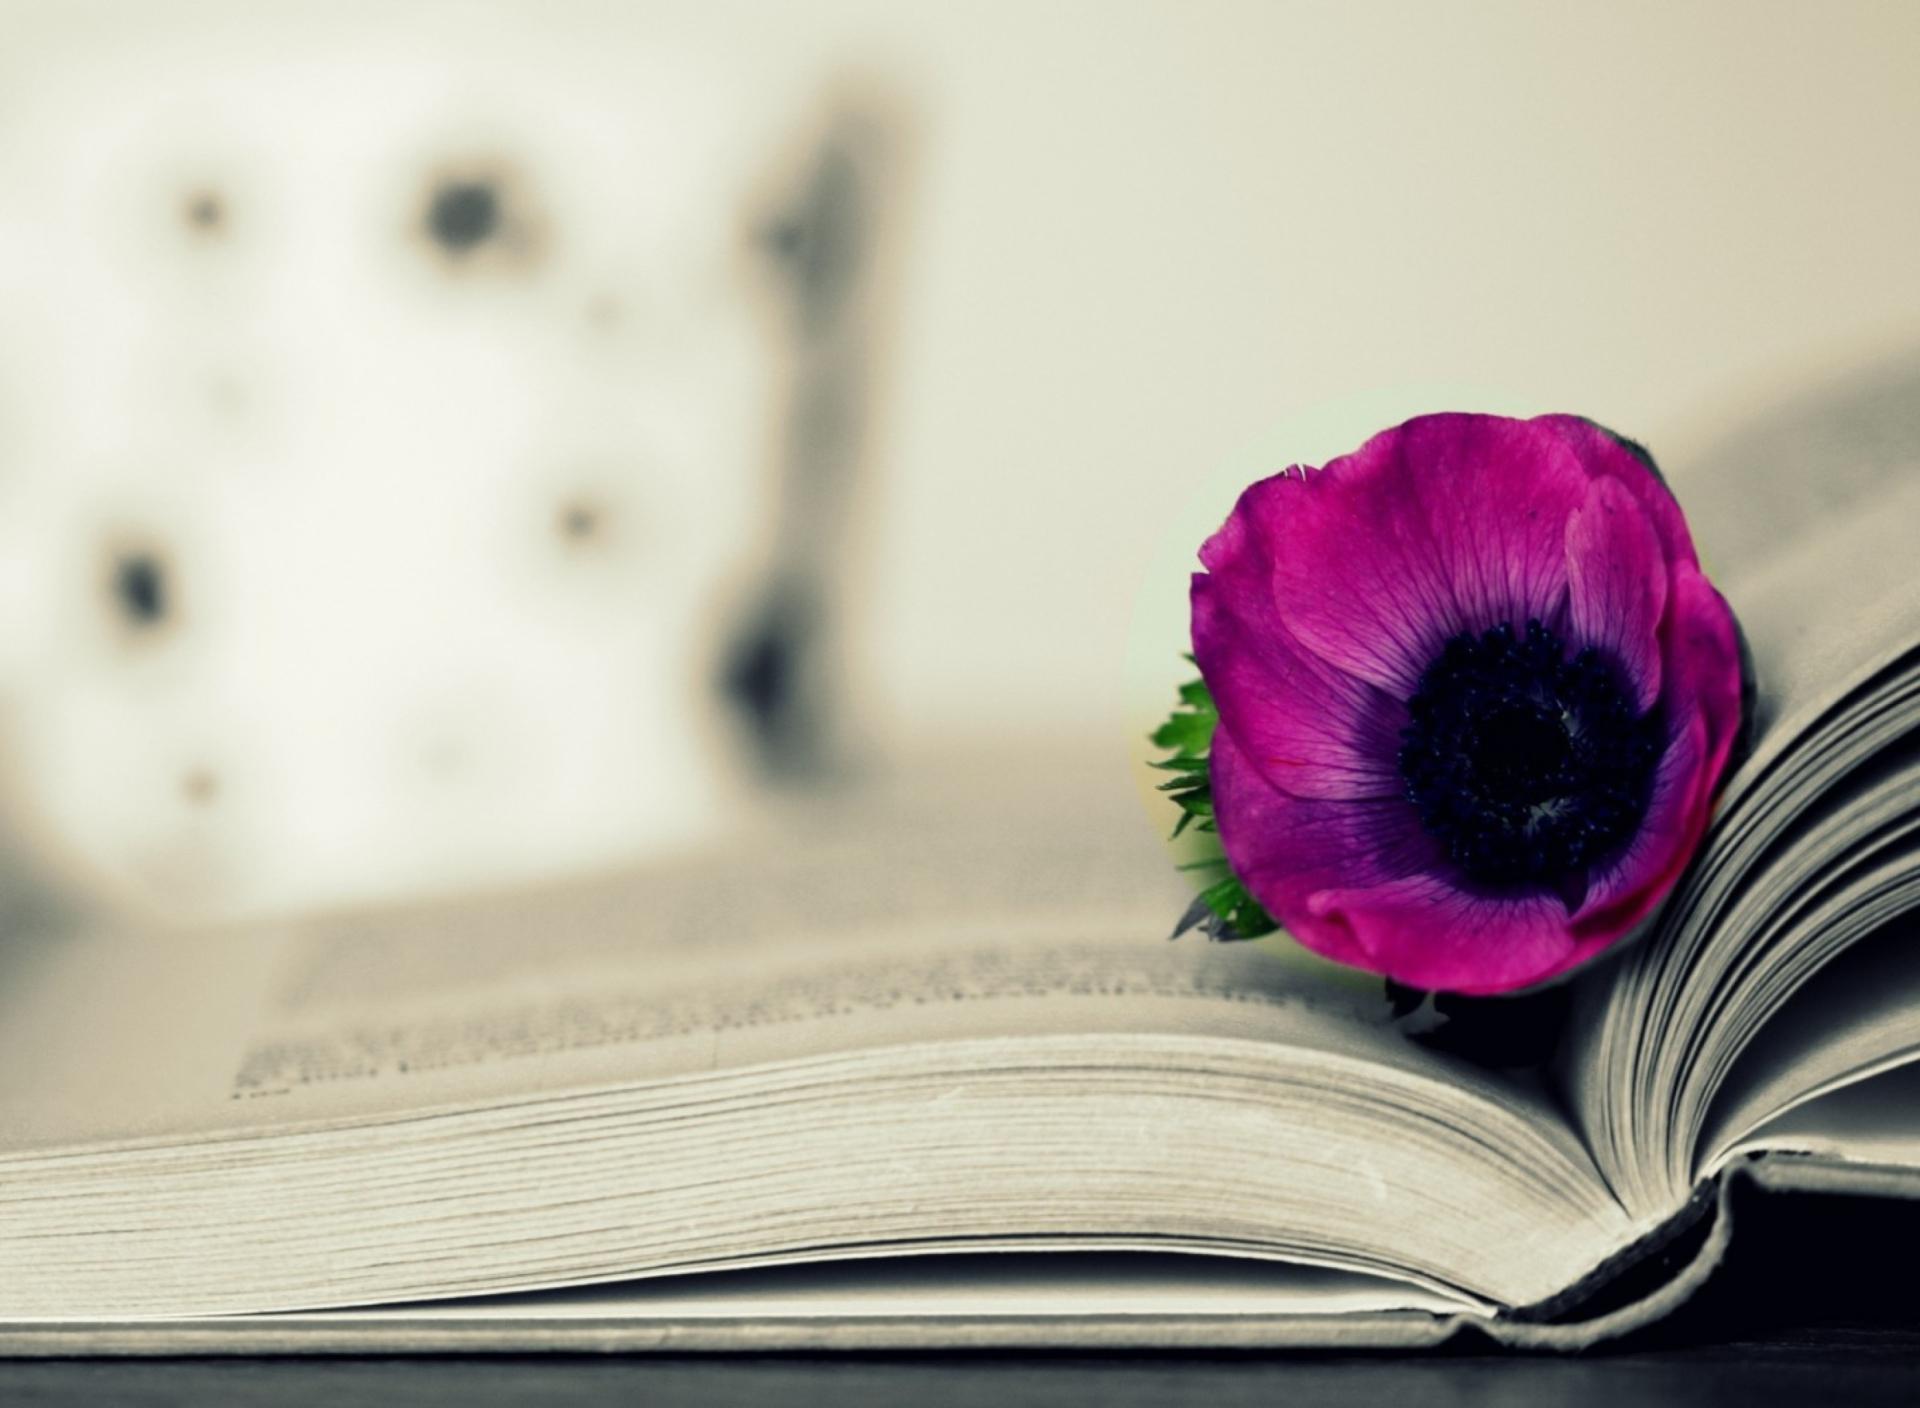 Цветок в книге  № 1488981 загрузить